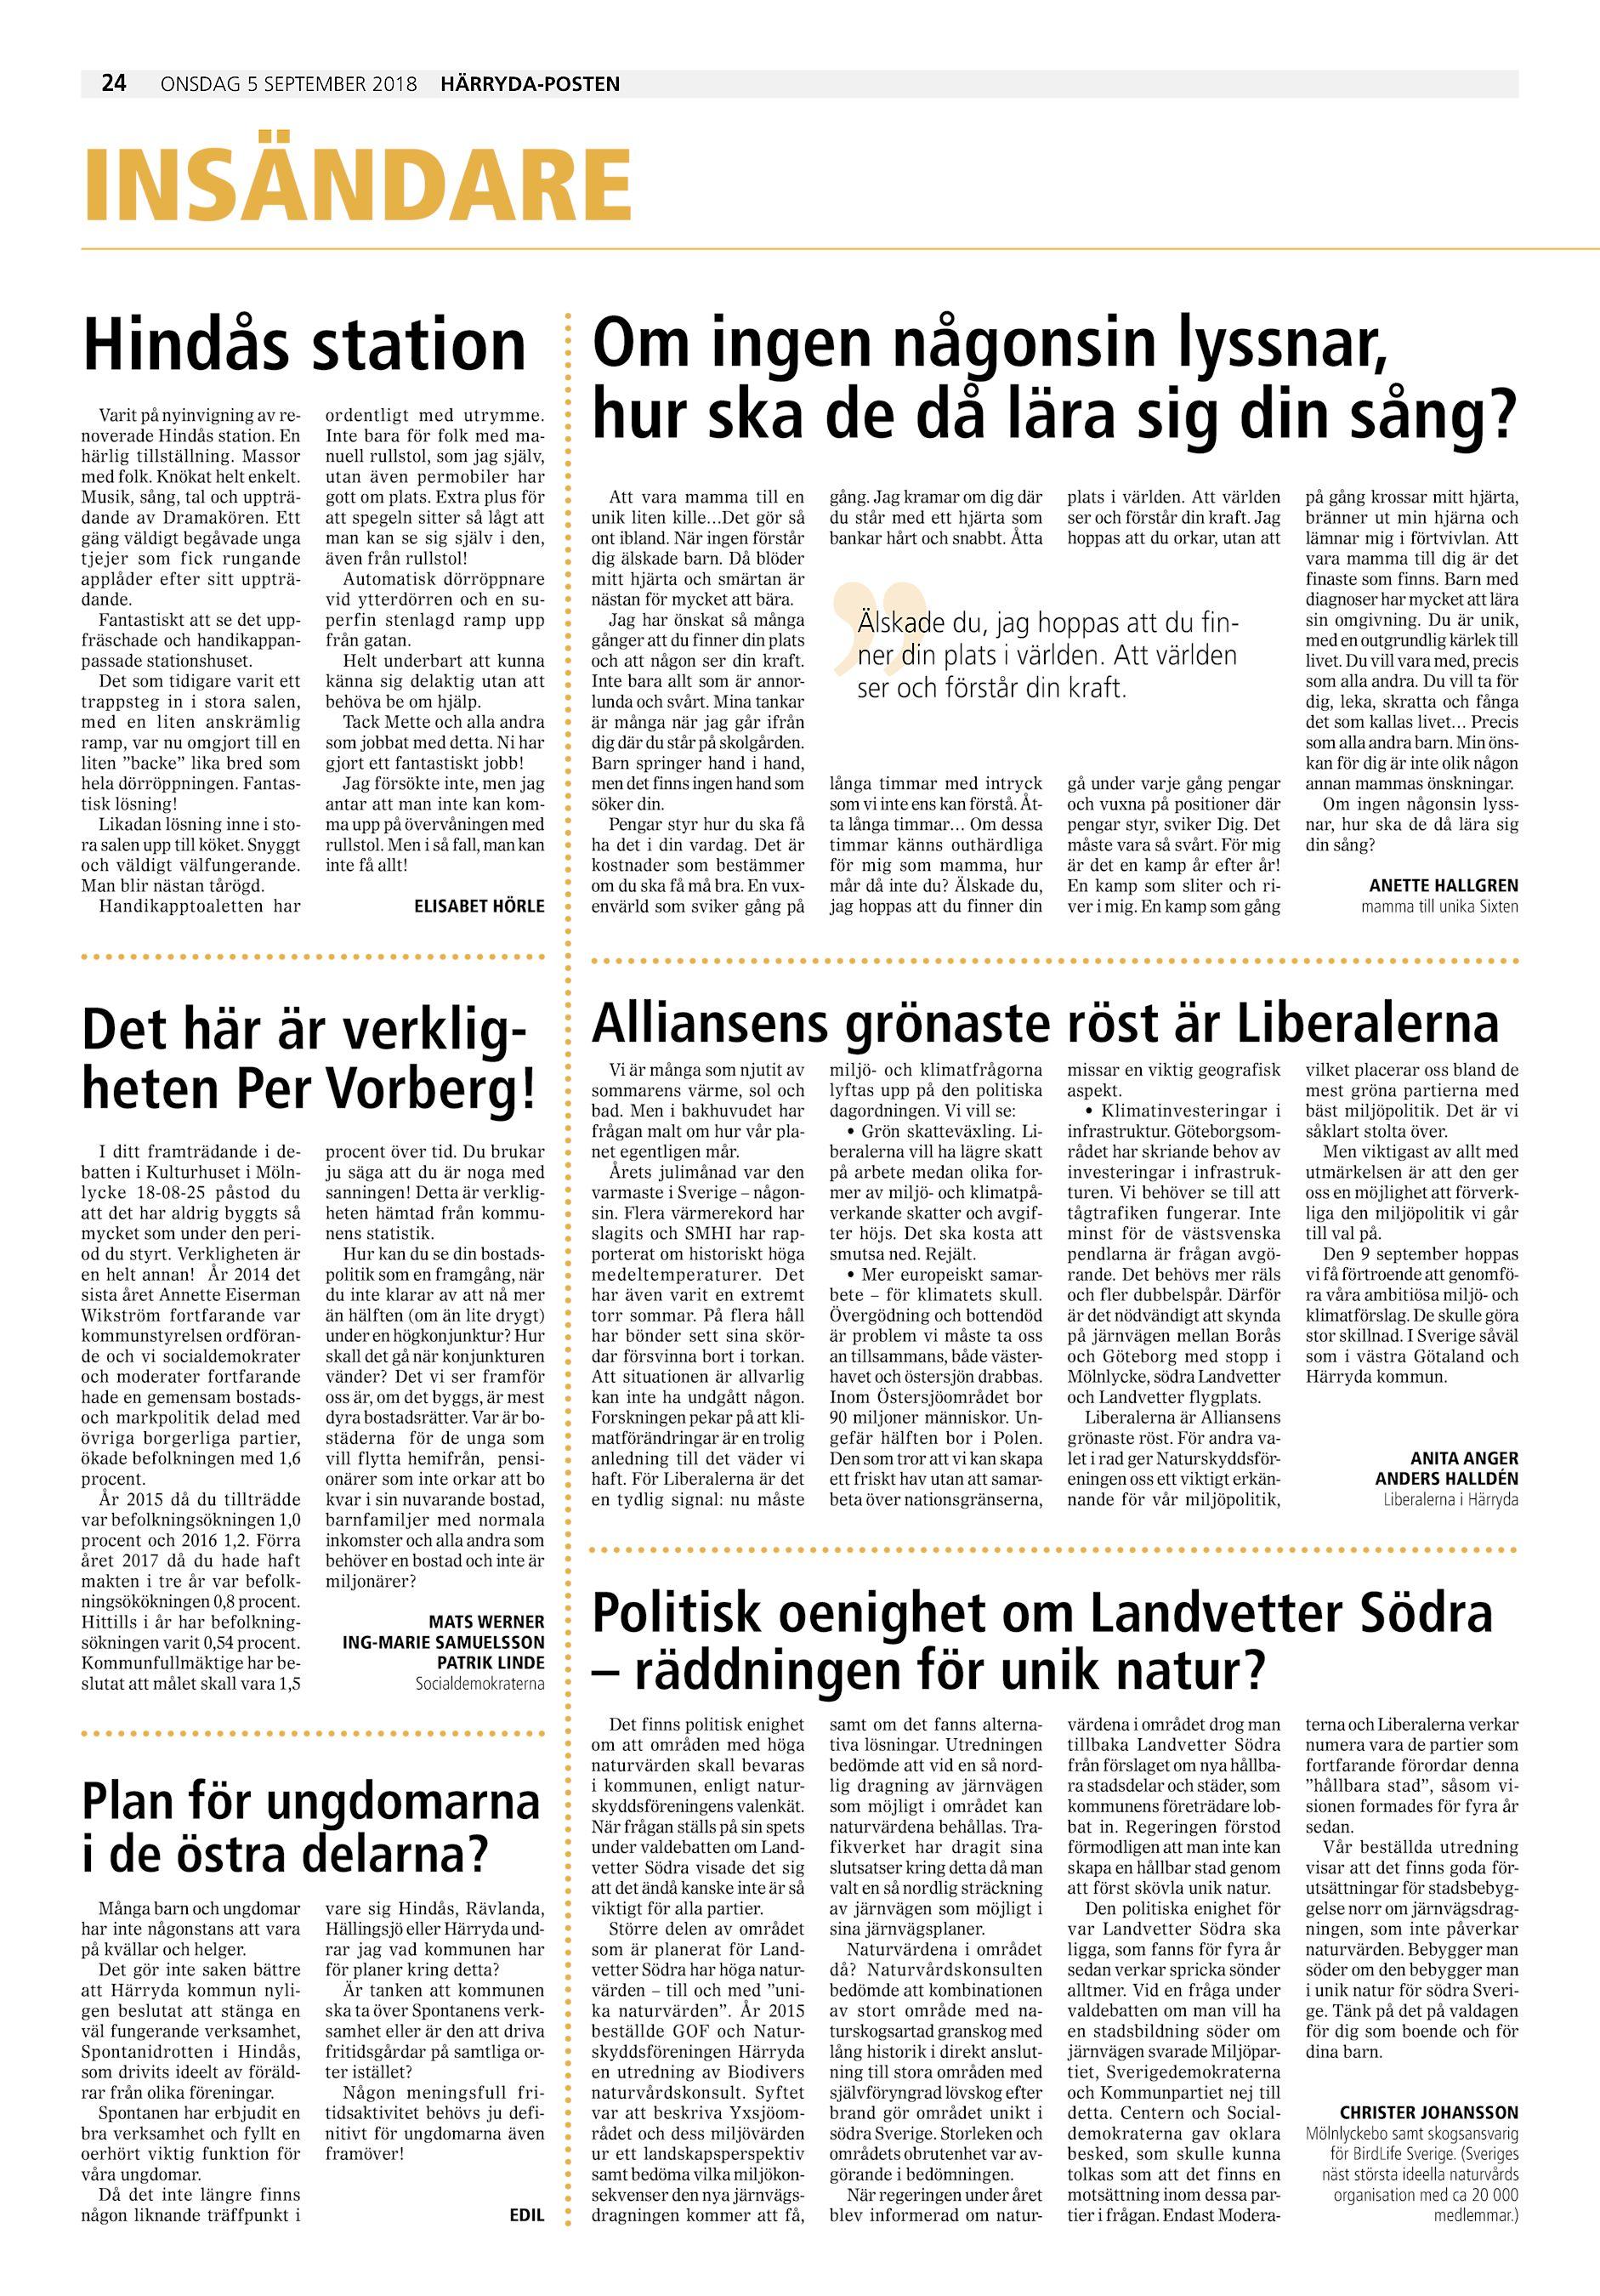 Hrrydaposten / Partille Tidning HP-2018-08-08 (endast text)